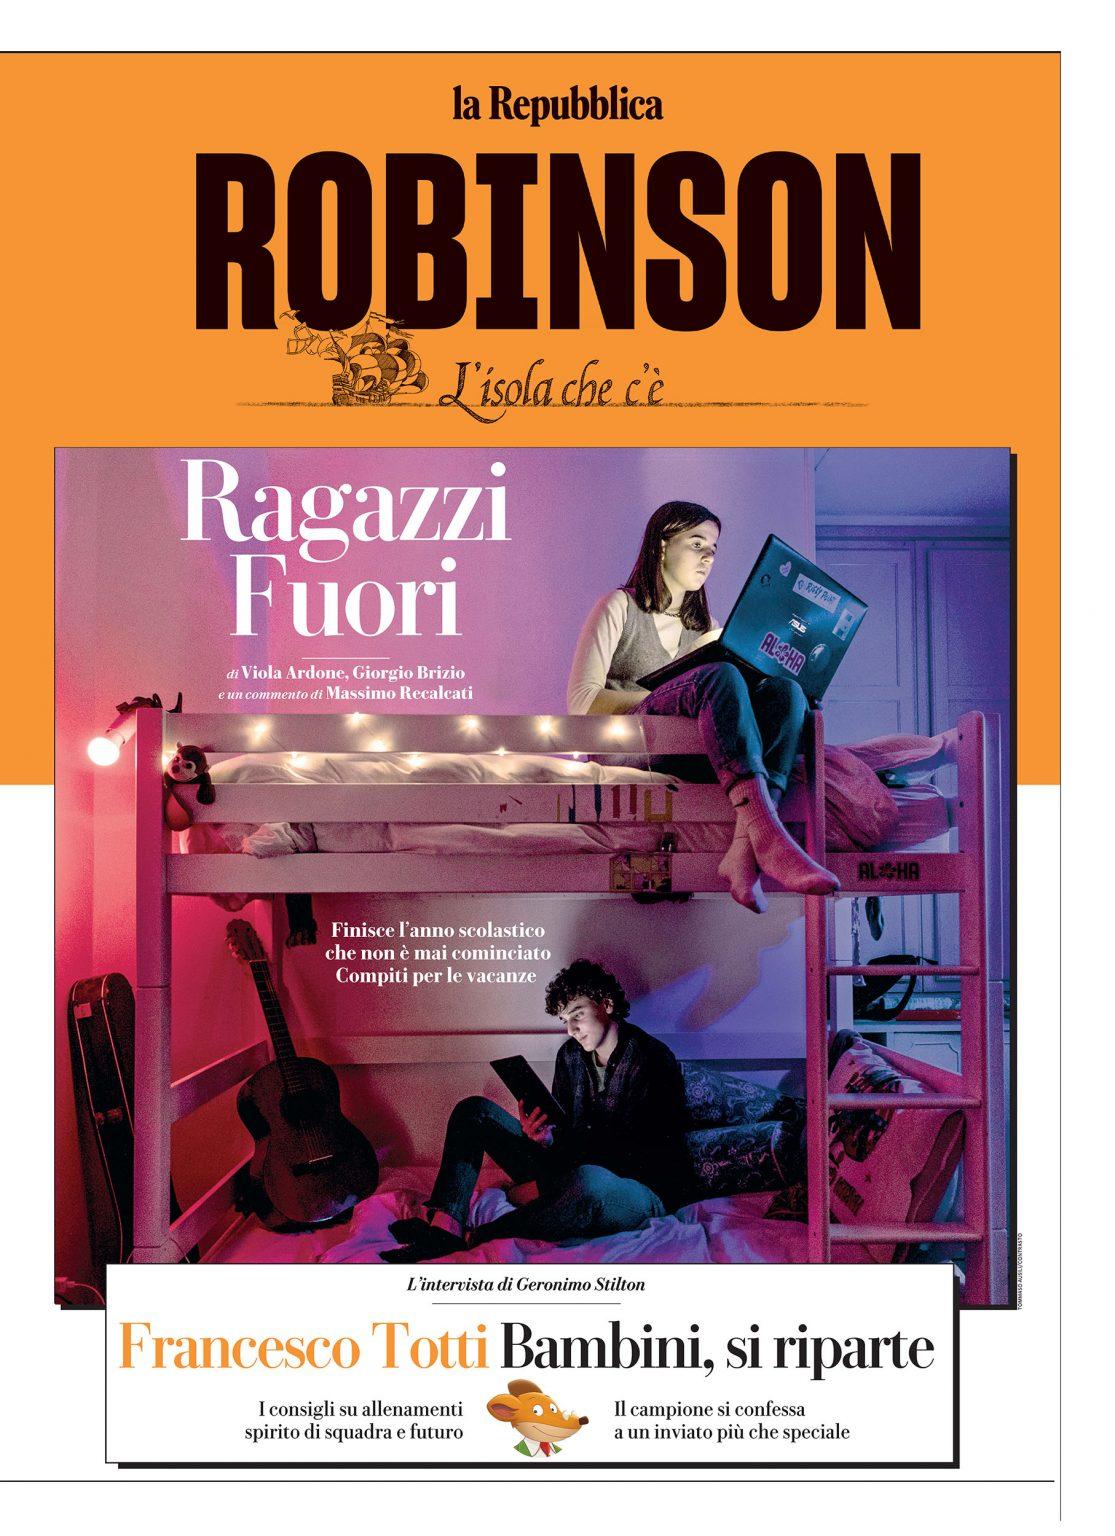 Robinson, June 2021